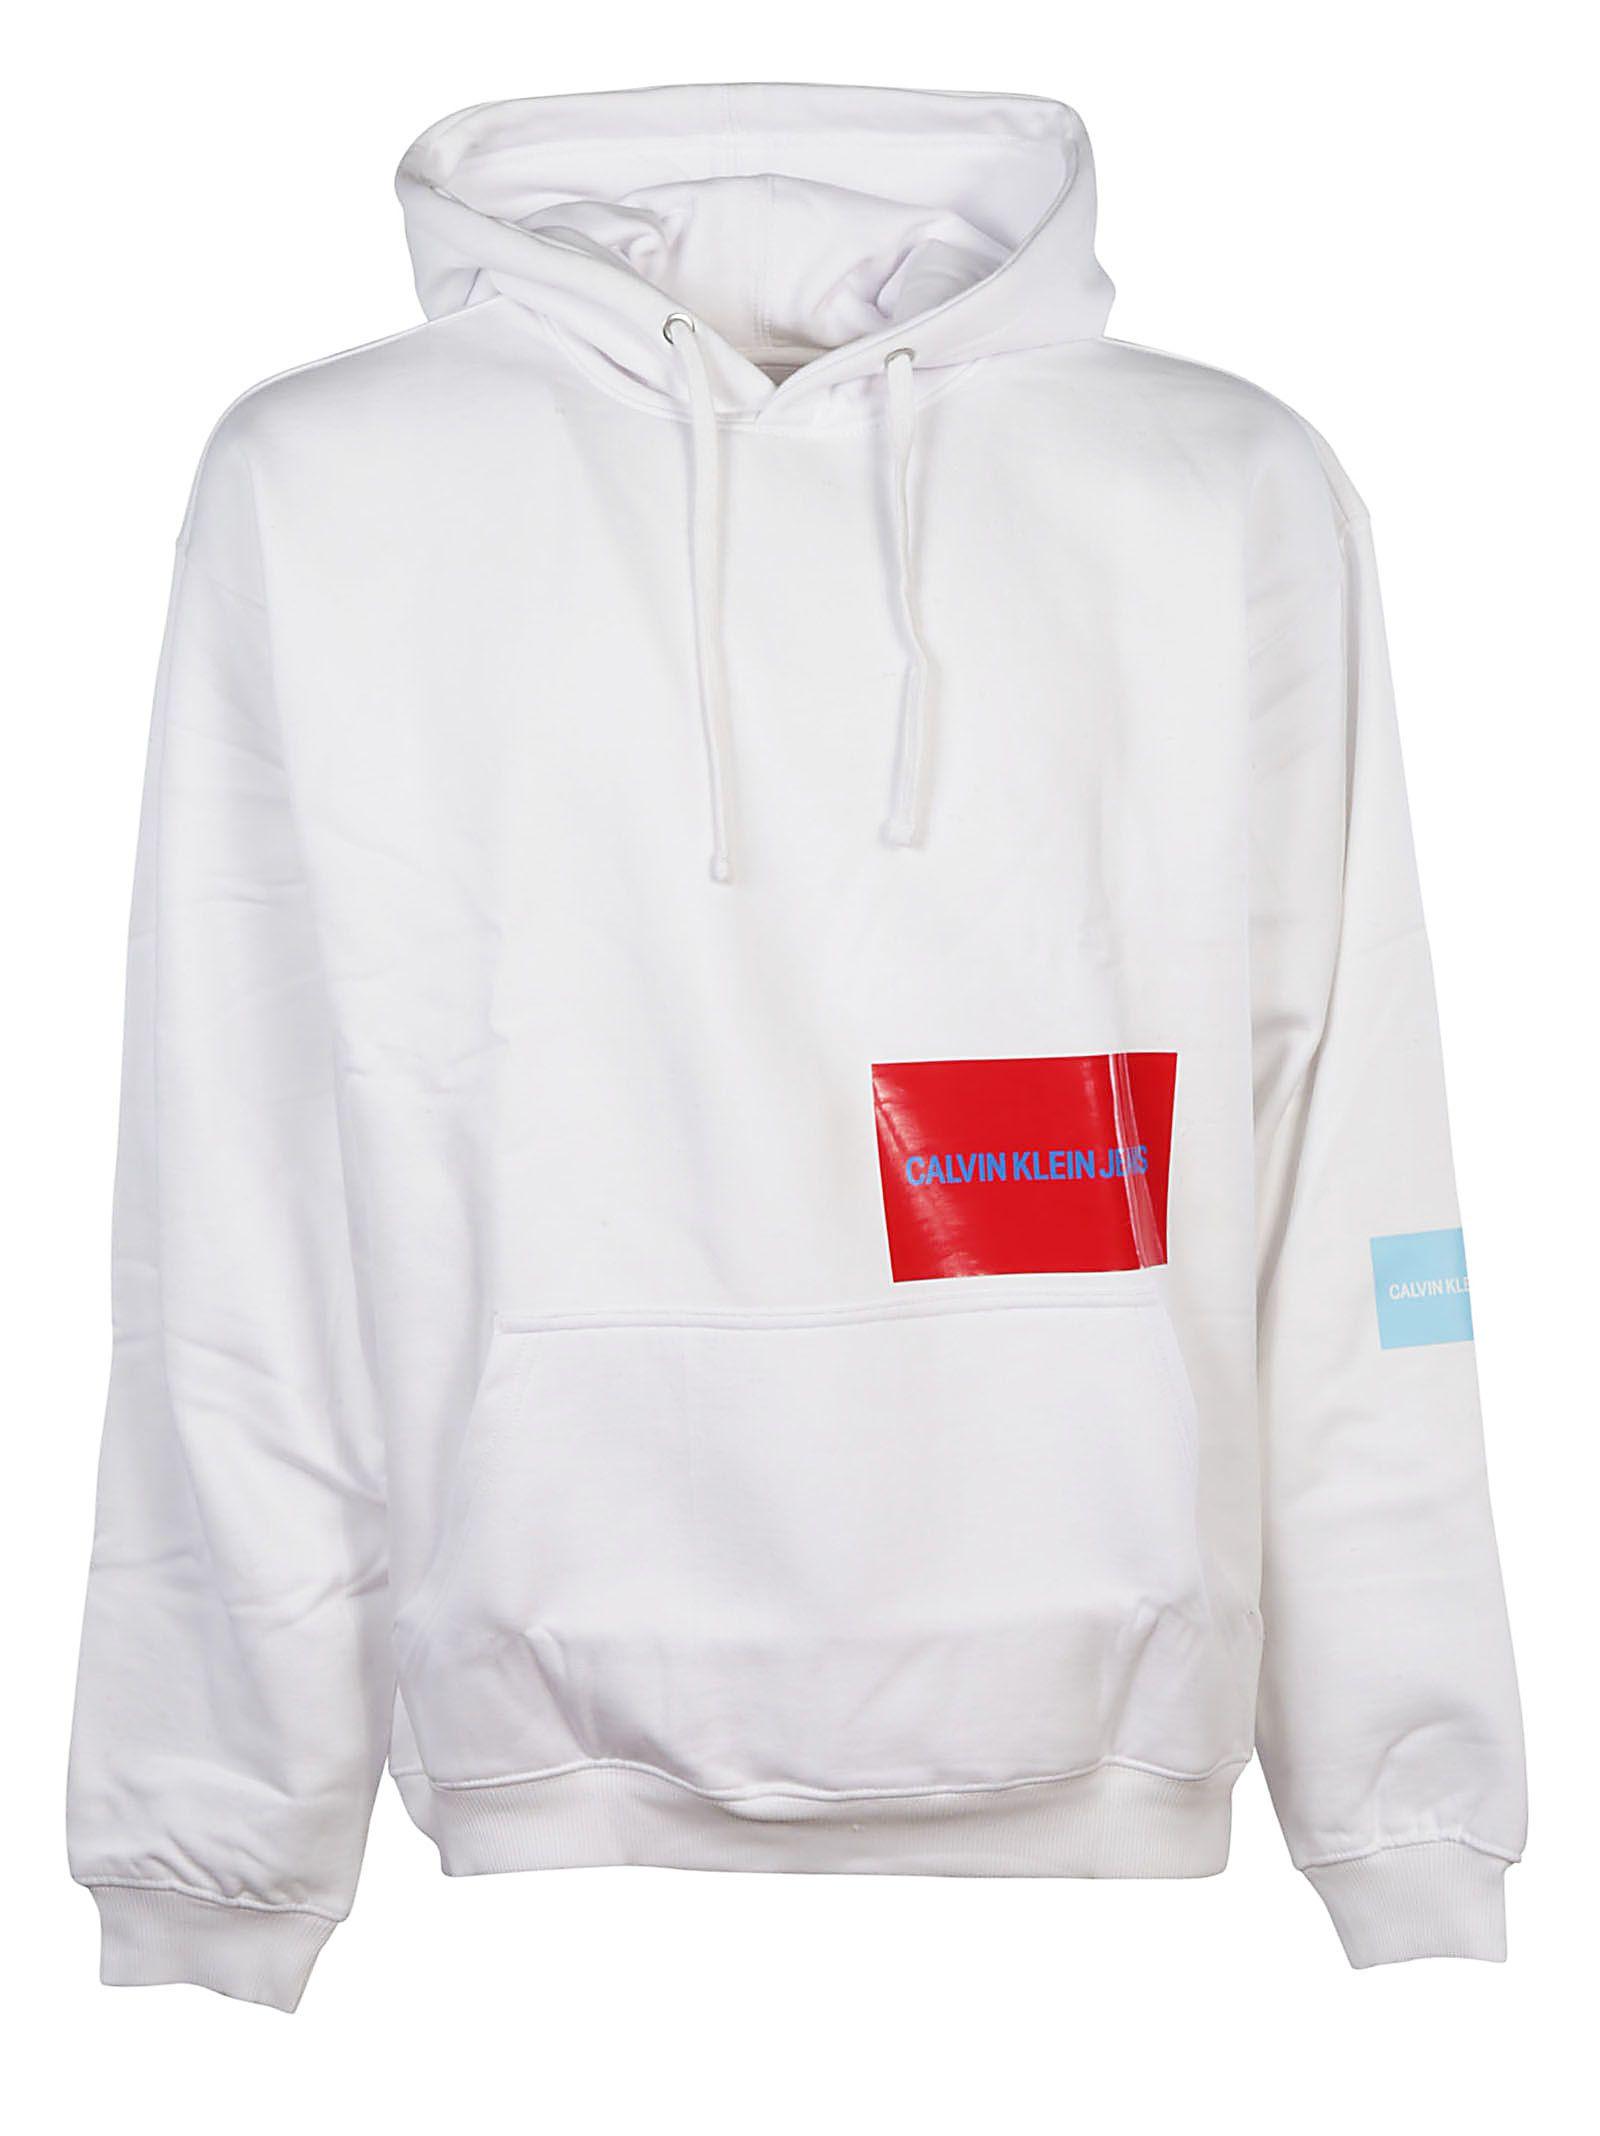 15b68a950fd3 Calvin Klein Calvin Klein Jeans Contrast Logo Hoodie - Basic ...